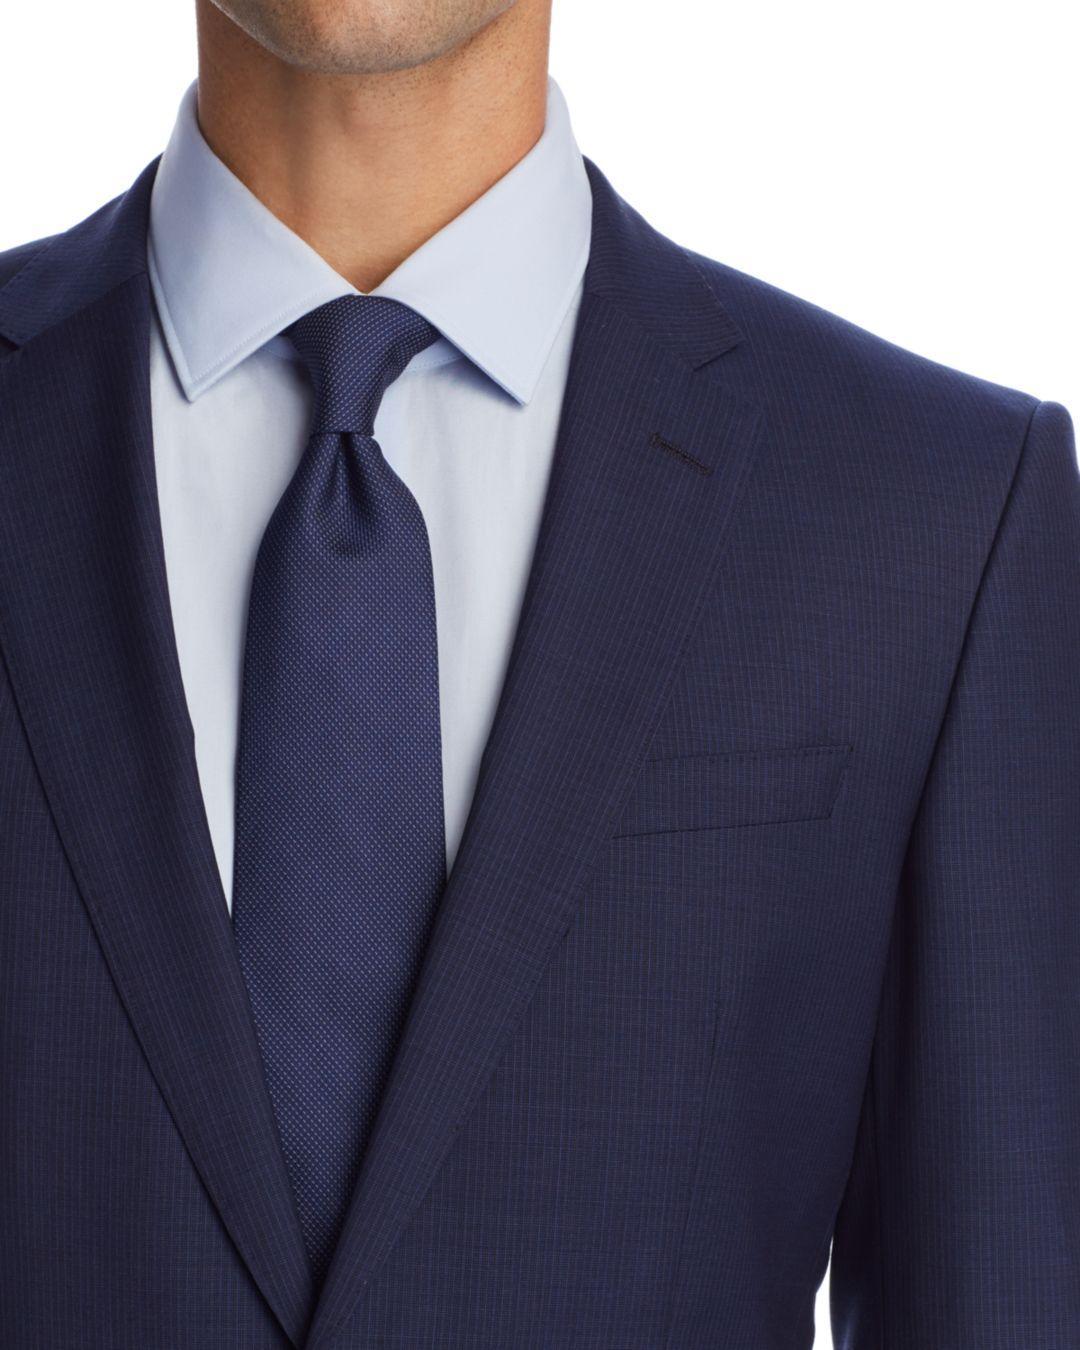 e4b04cad ... Boss Huge/genius Micro - Stripe Slim Fit Suit for Men -. View fullscreen